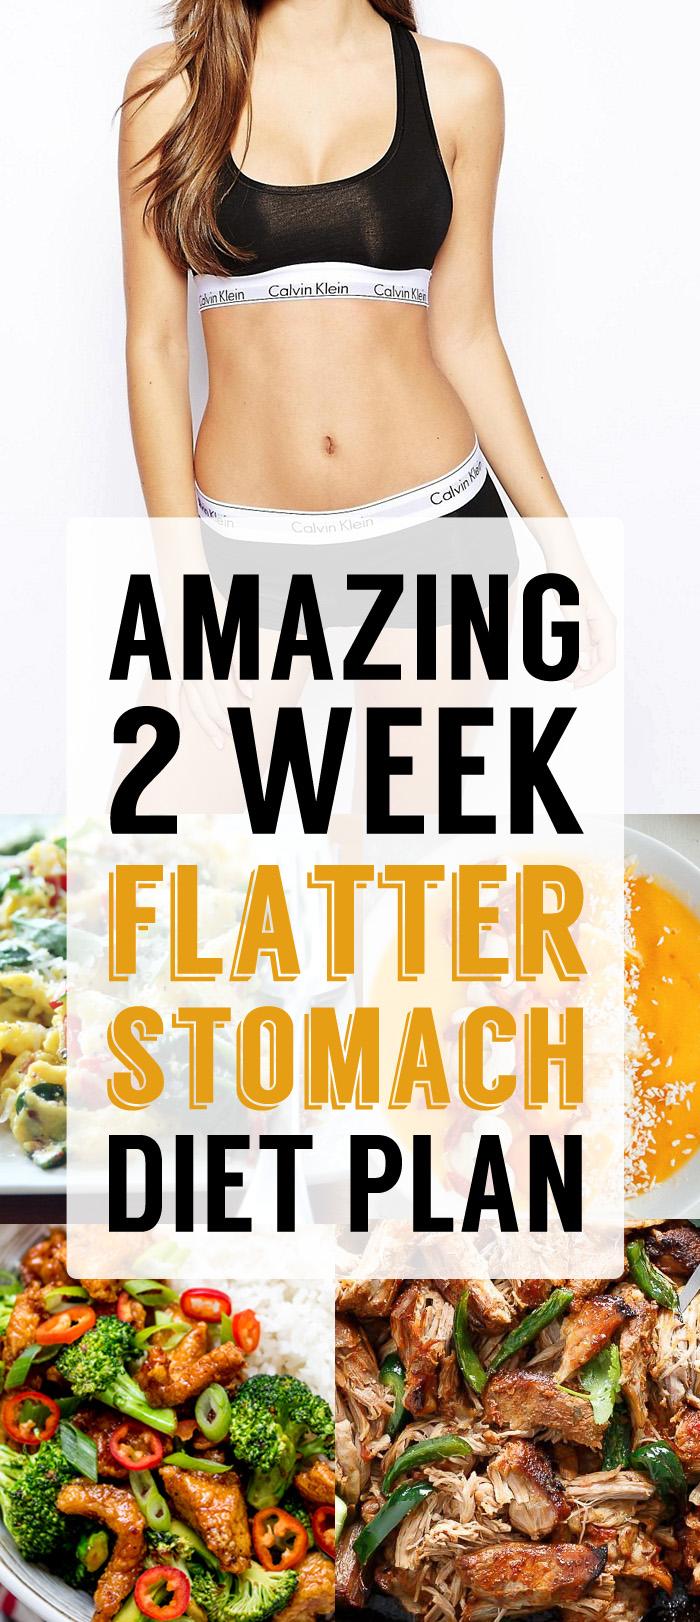 Amazing 2 Week Flatter Stomach Diet Plan Breakfast Lunch Dinner